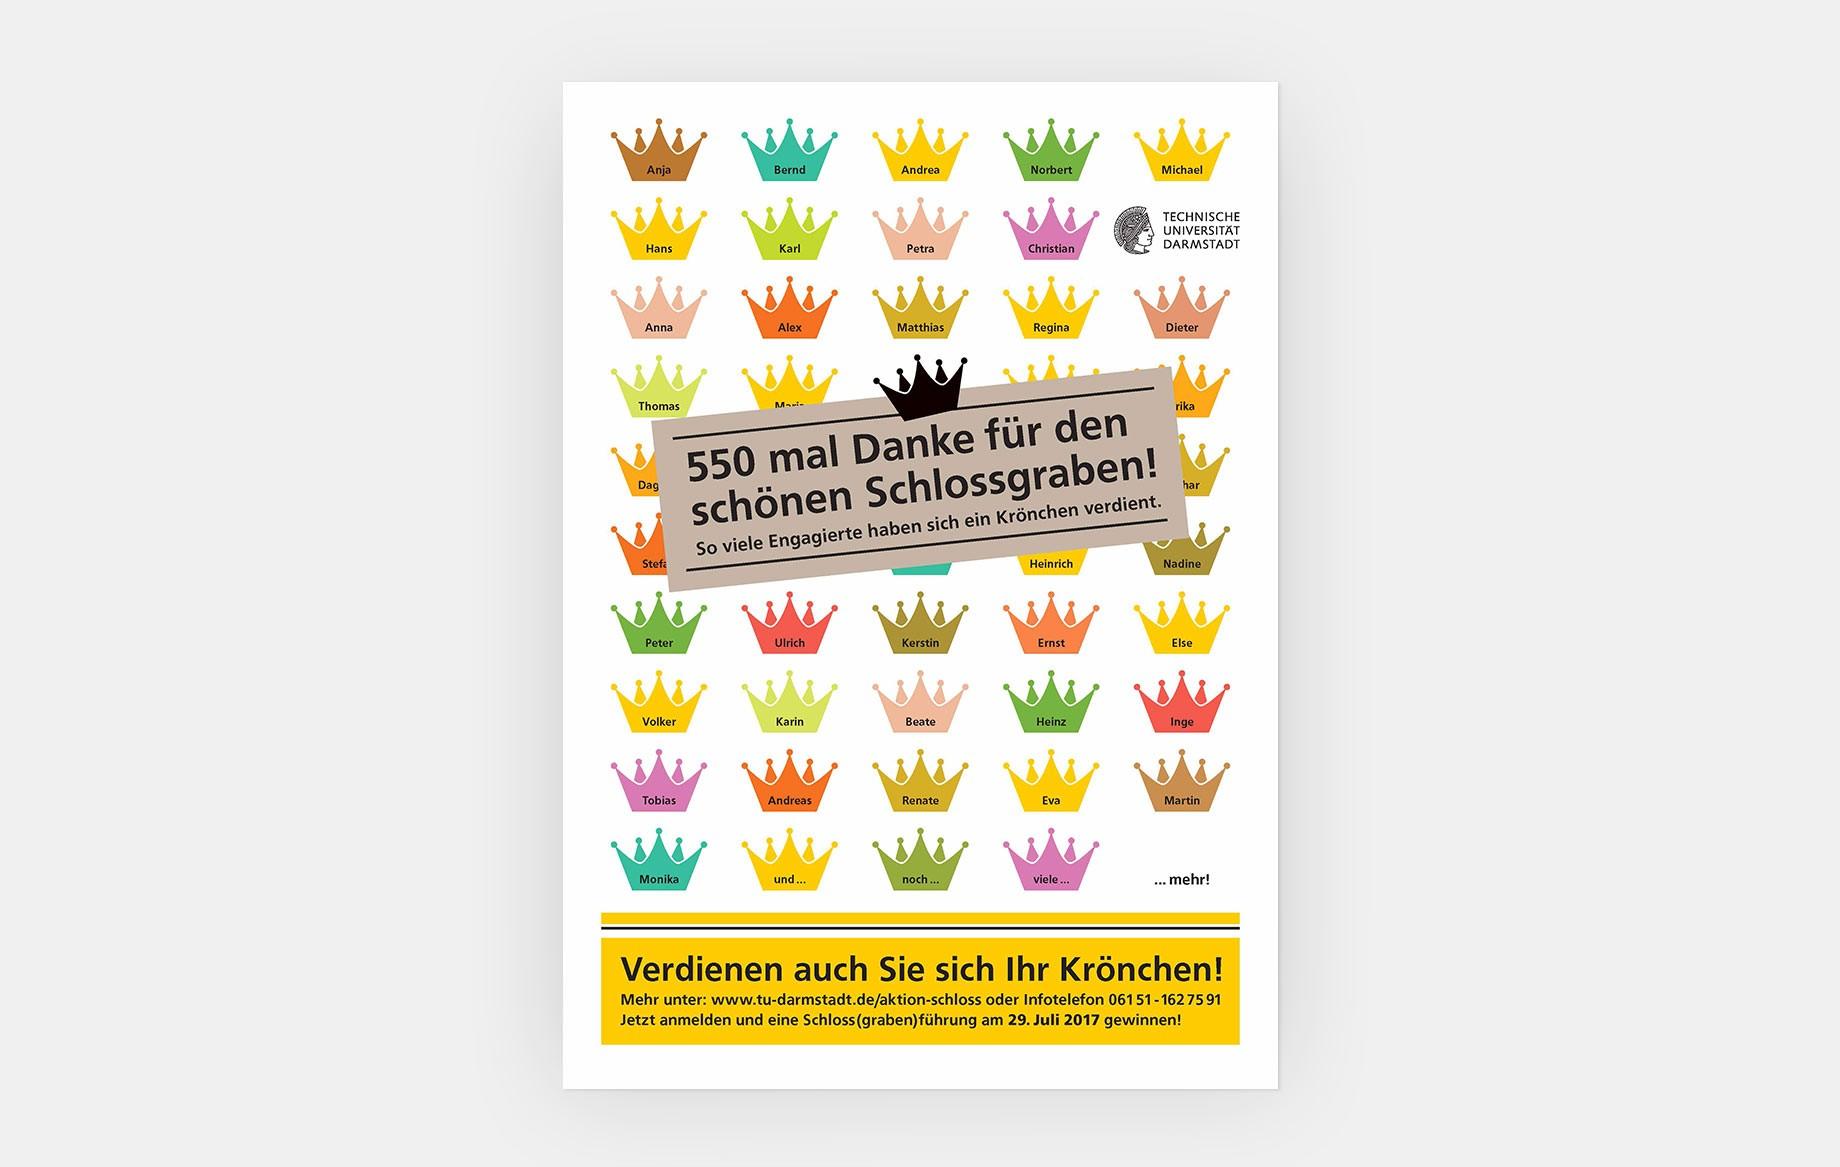 Plakate machten die Kampagne im Außenbereich der TU Darmstadt sichtbar.